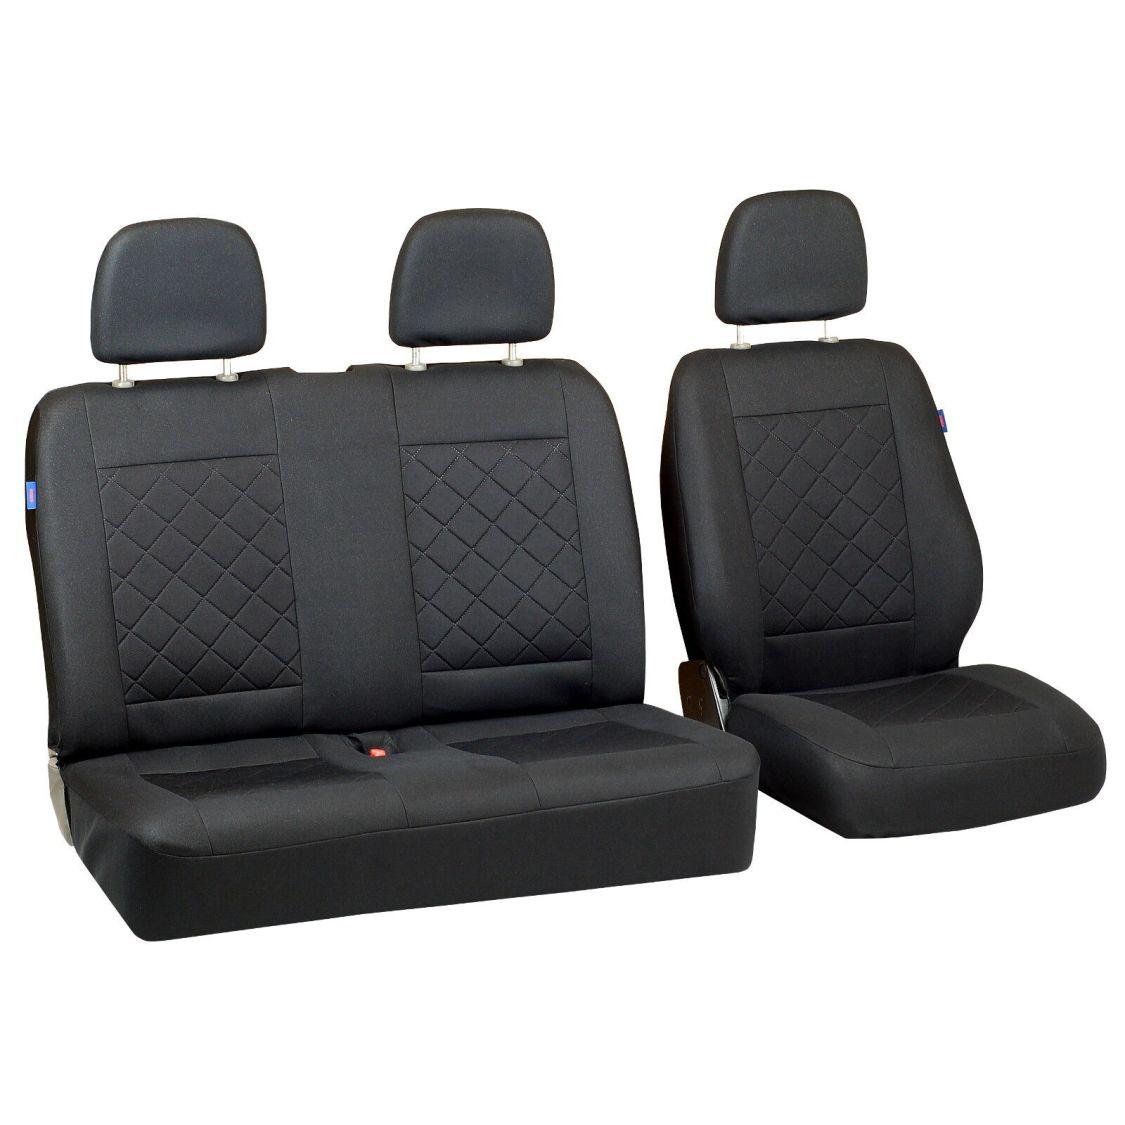 Intensiv Schwarze Sitzbezüge für RENAULT TRAFIC Autositzbezug SET 1+2